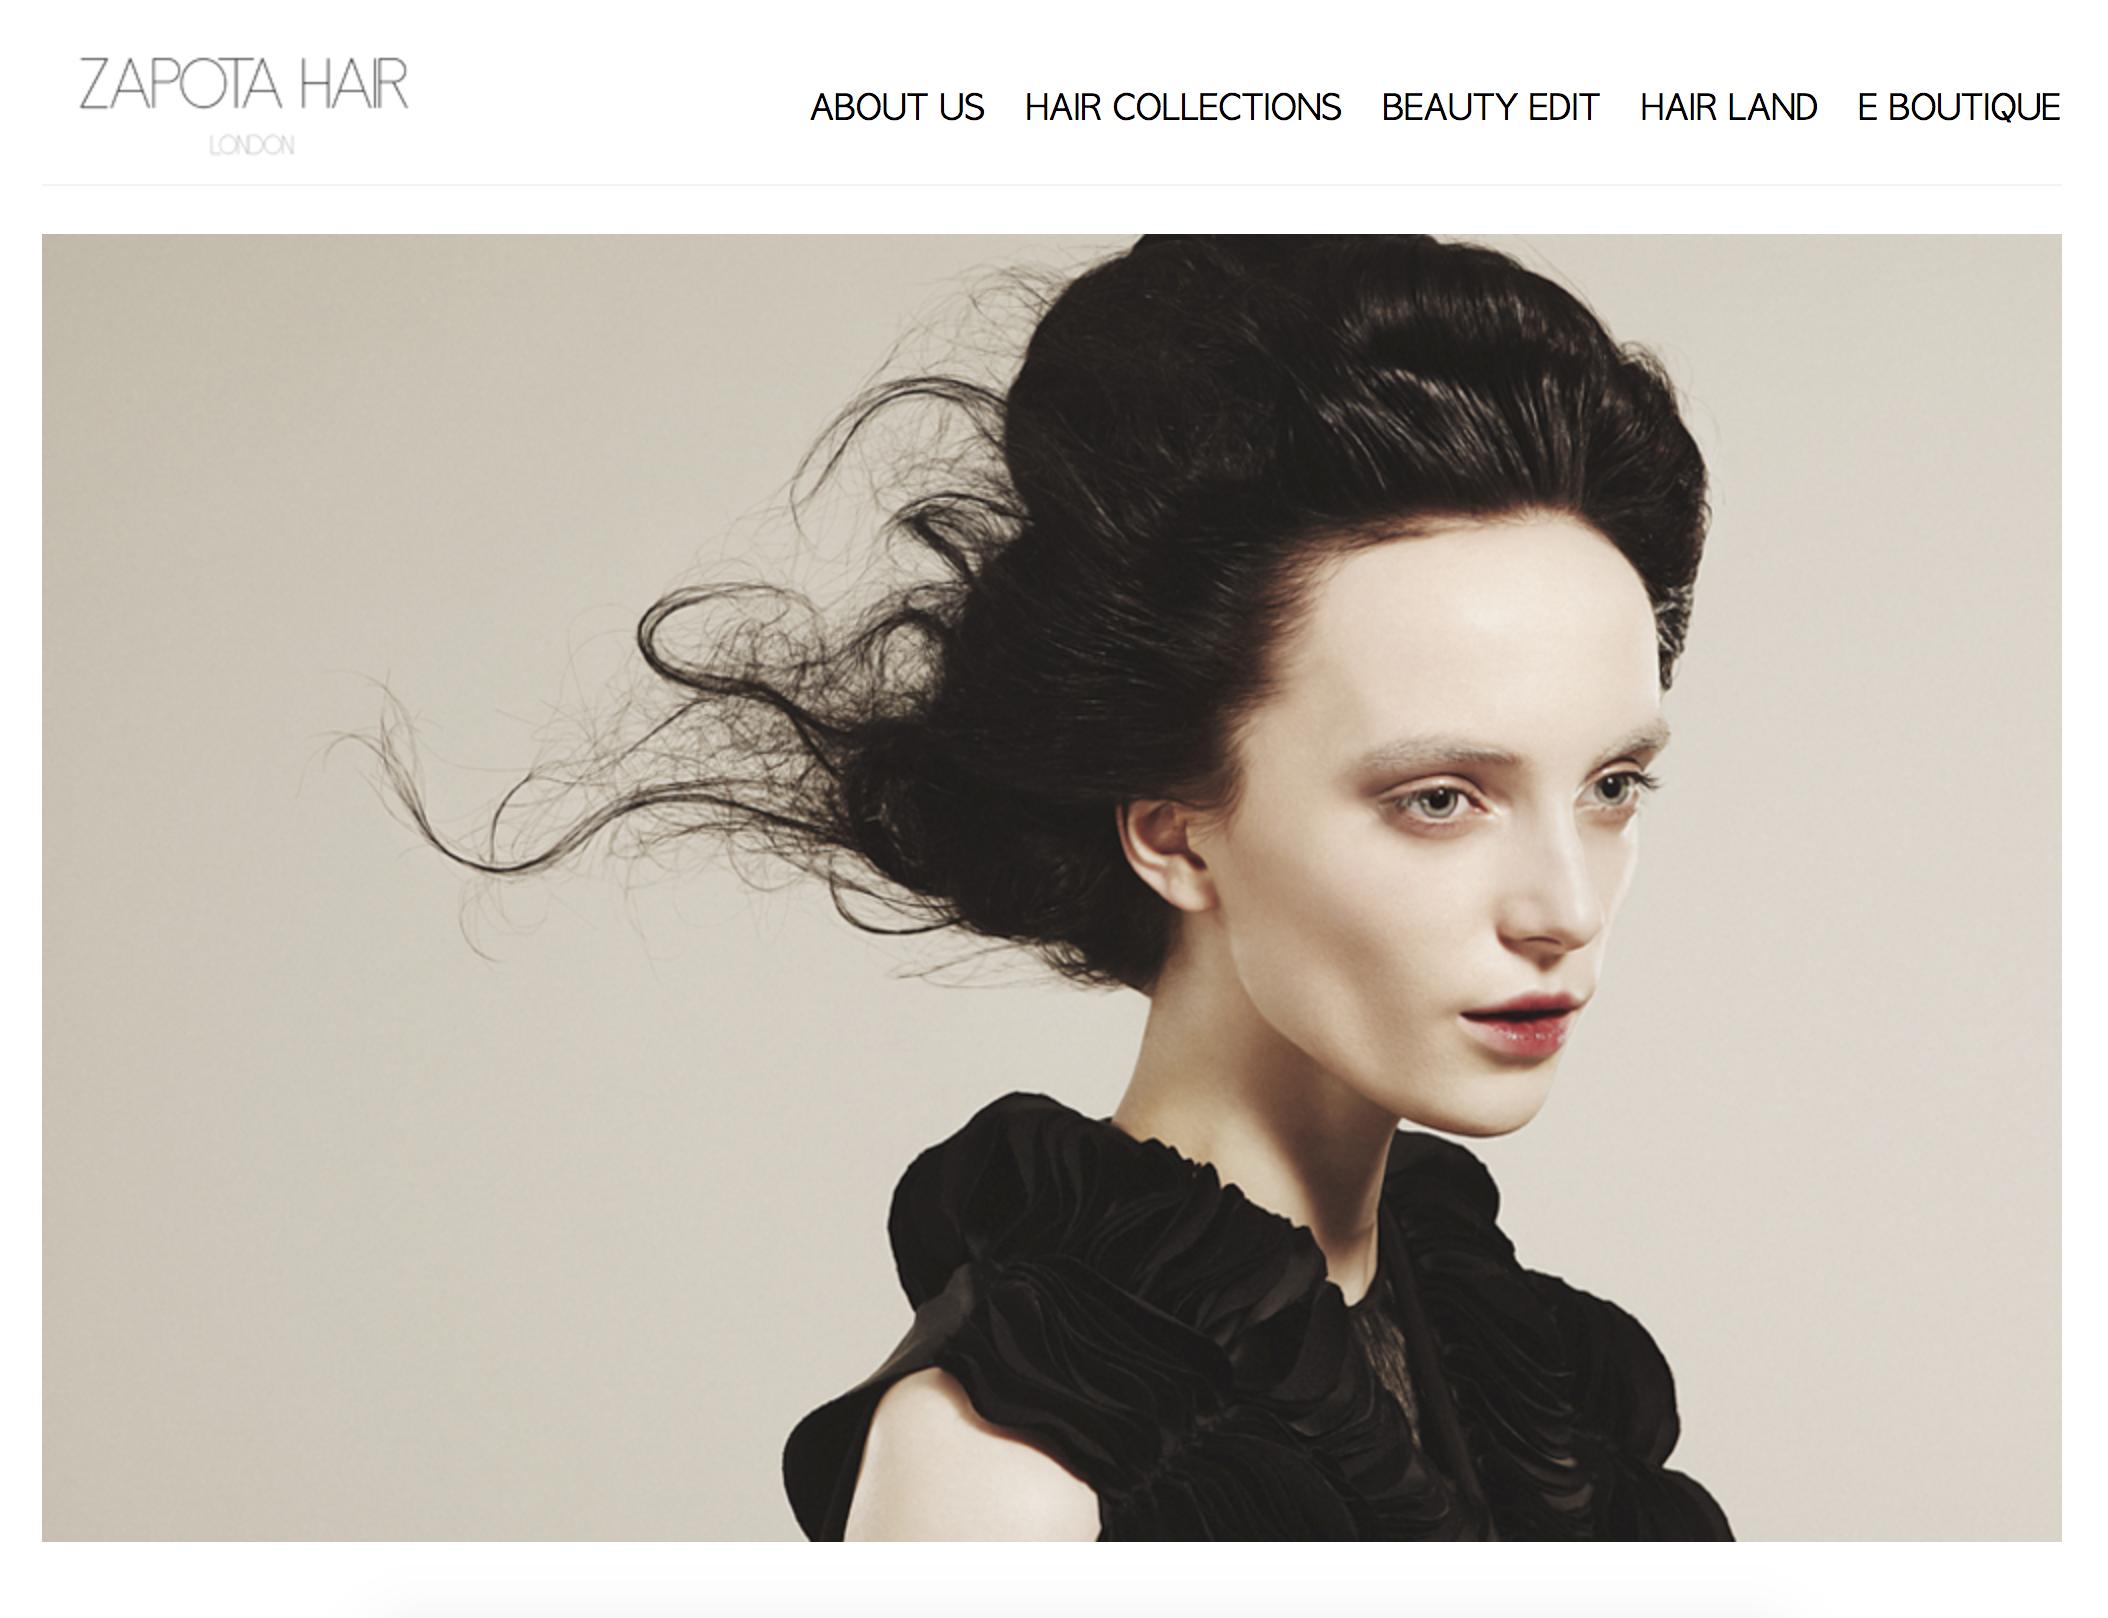 Zapota Hair home page